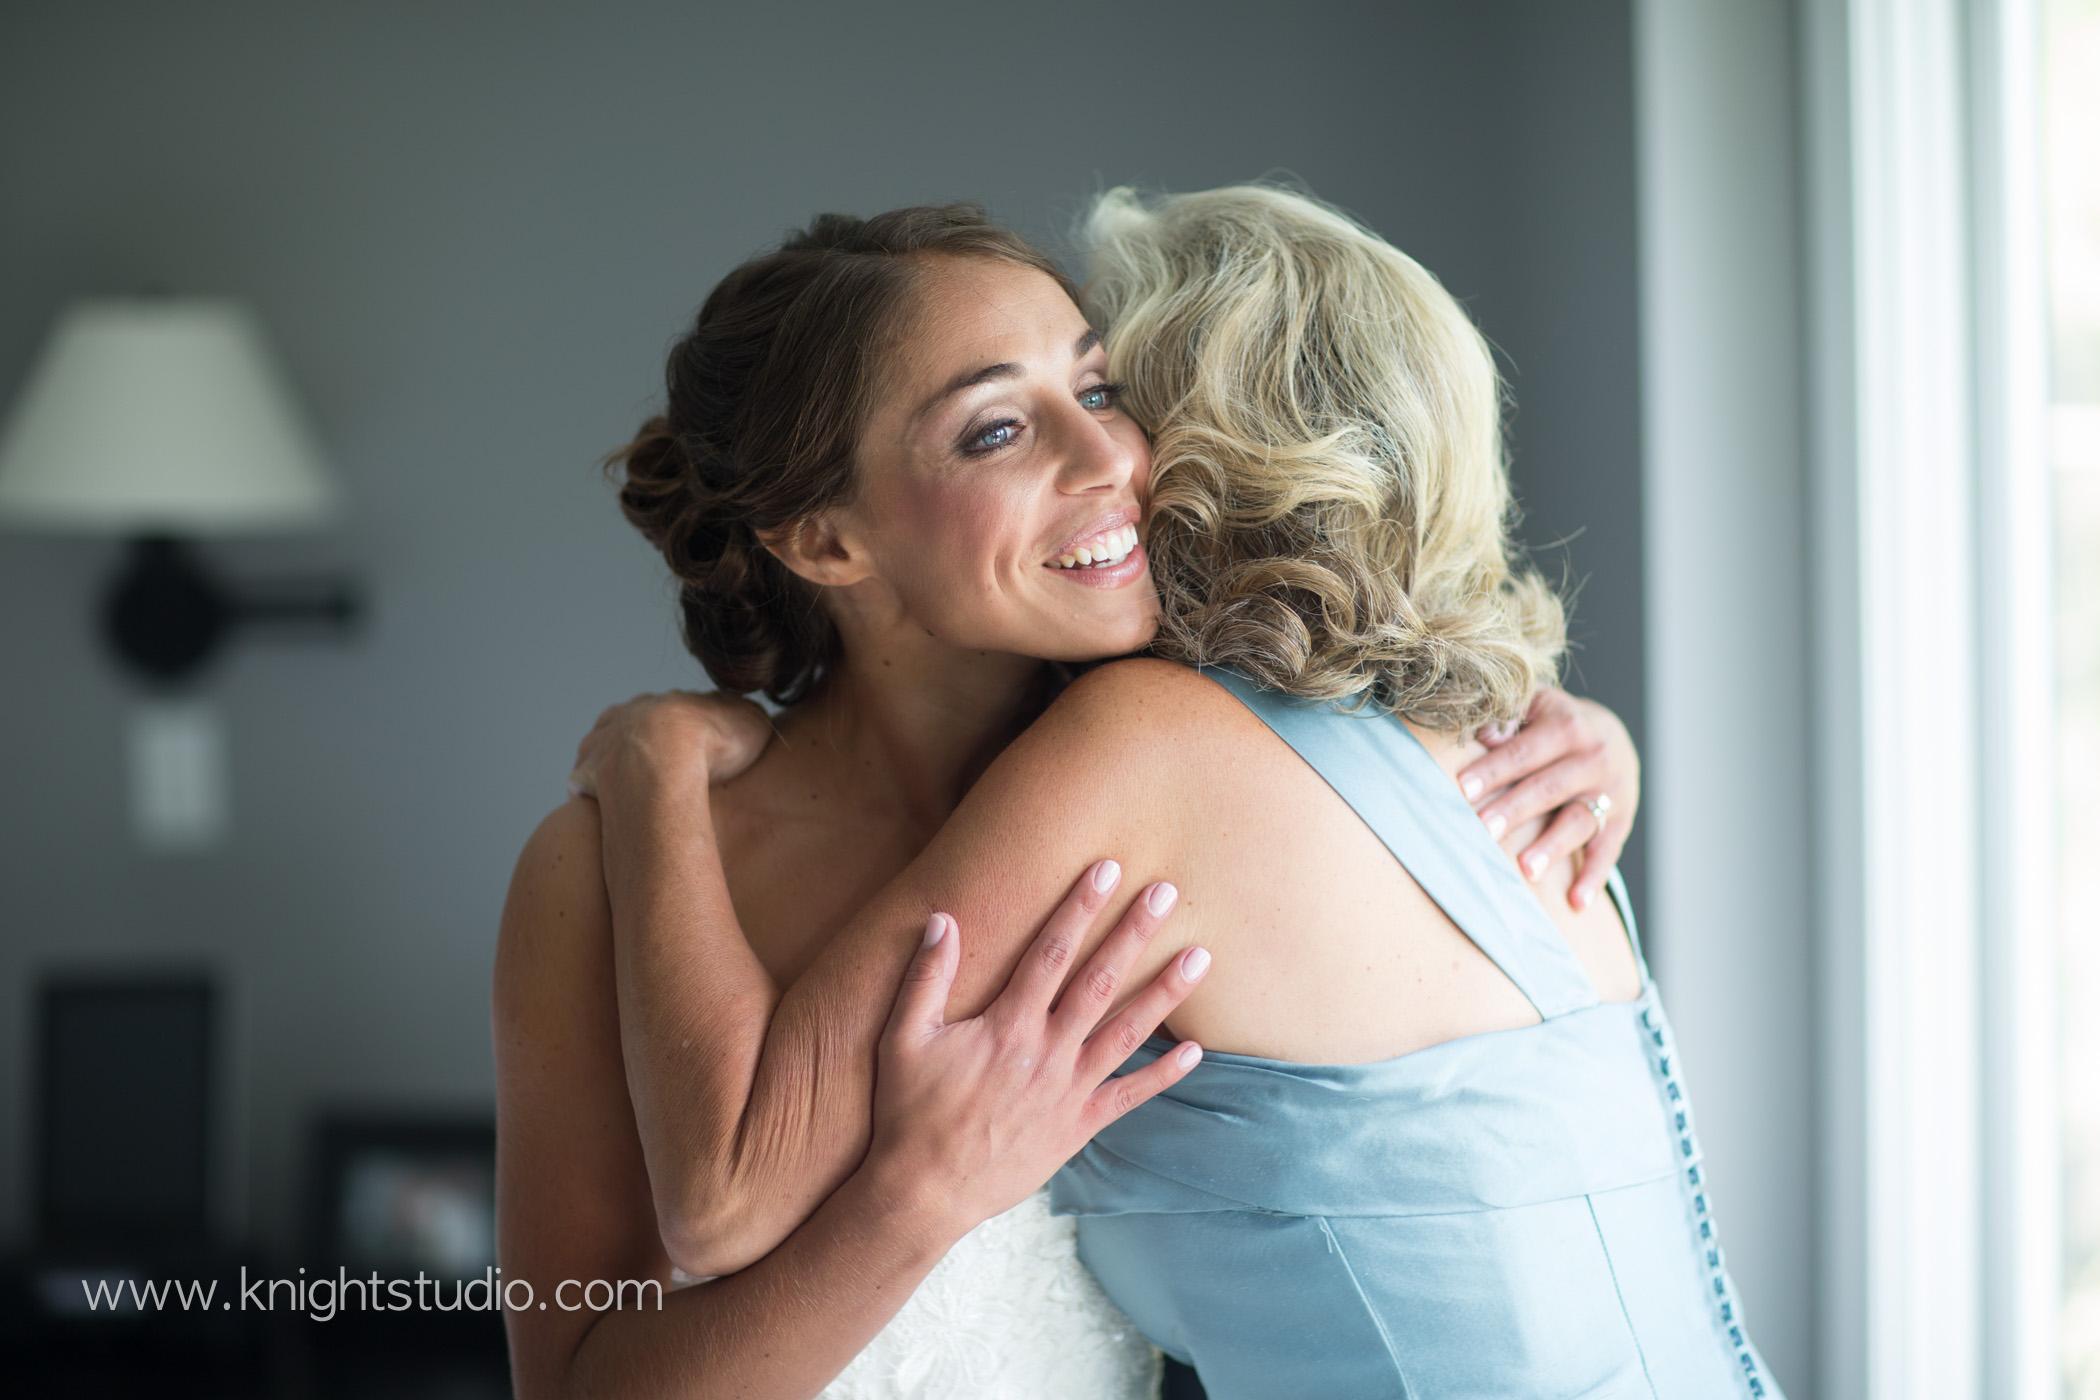 Real wedding, Statler City, Buffalo NY, Knight Studio Photographers, photography